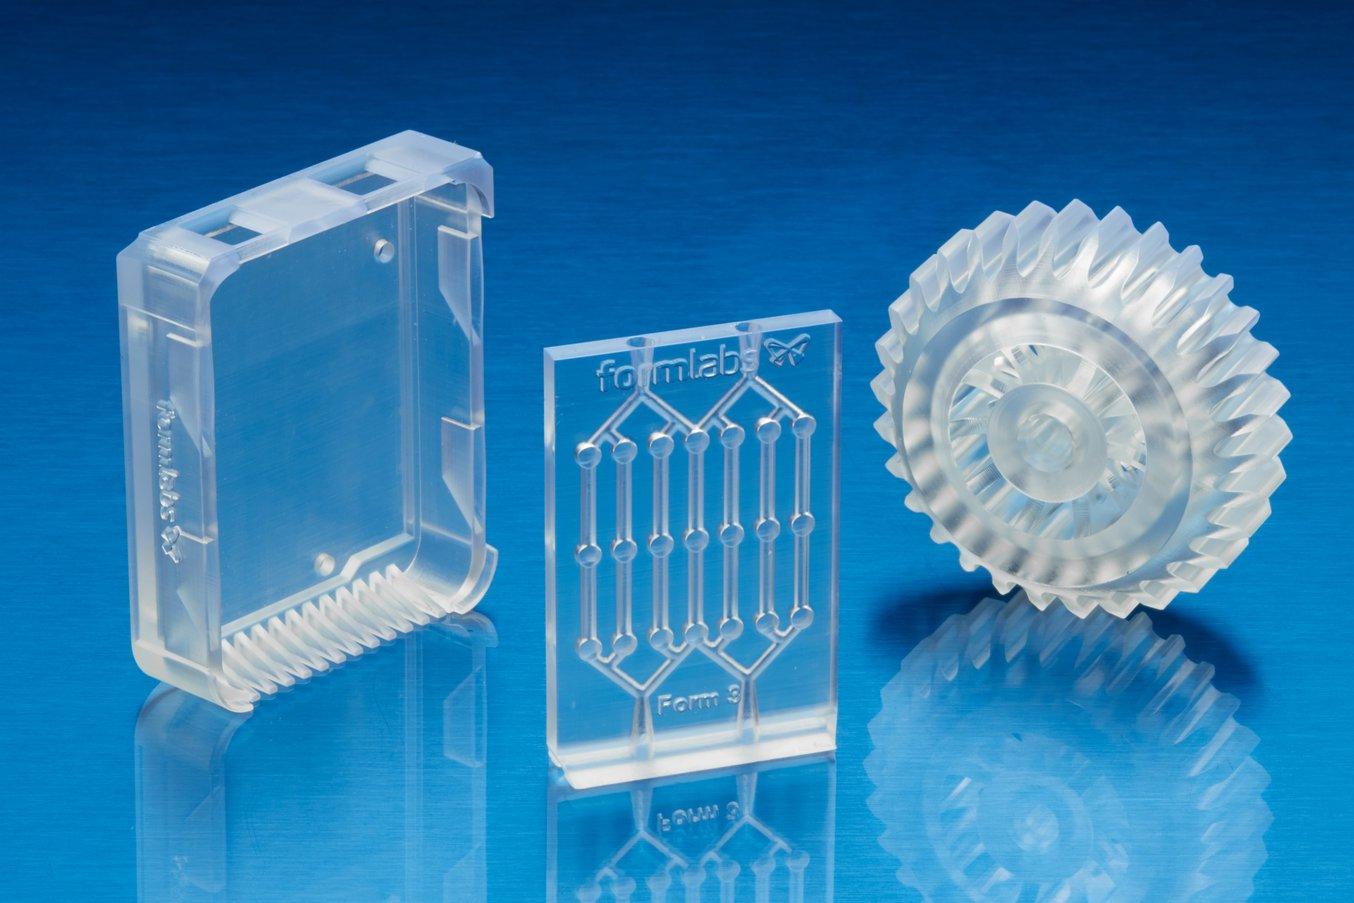 Con la impresora 3D SLA Form 3 puedes crear piezas impresas en 3D translúcidas y completamente transparentes de forma asequible y con un proceso mínimo de posacabado.